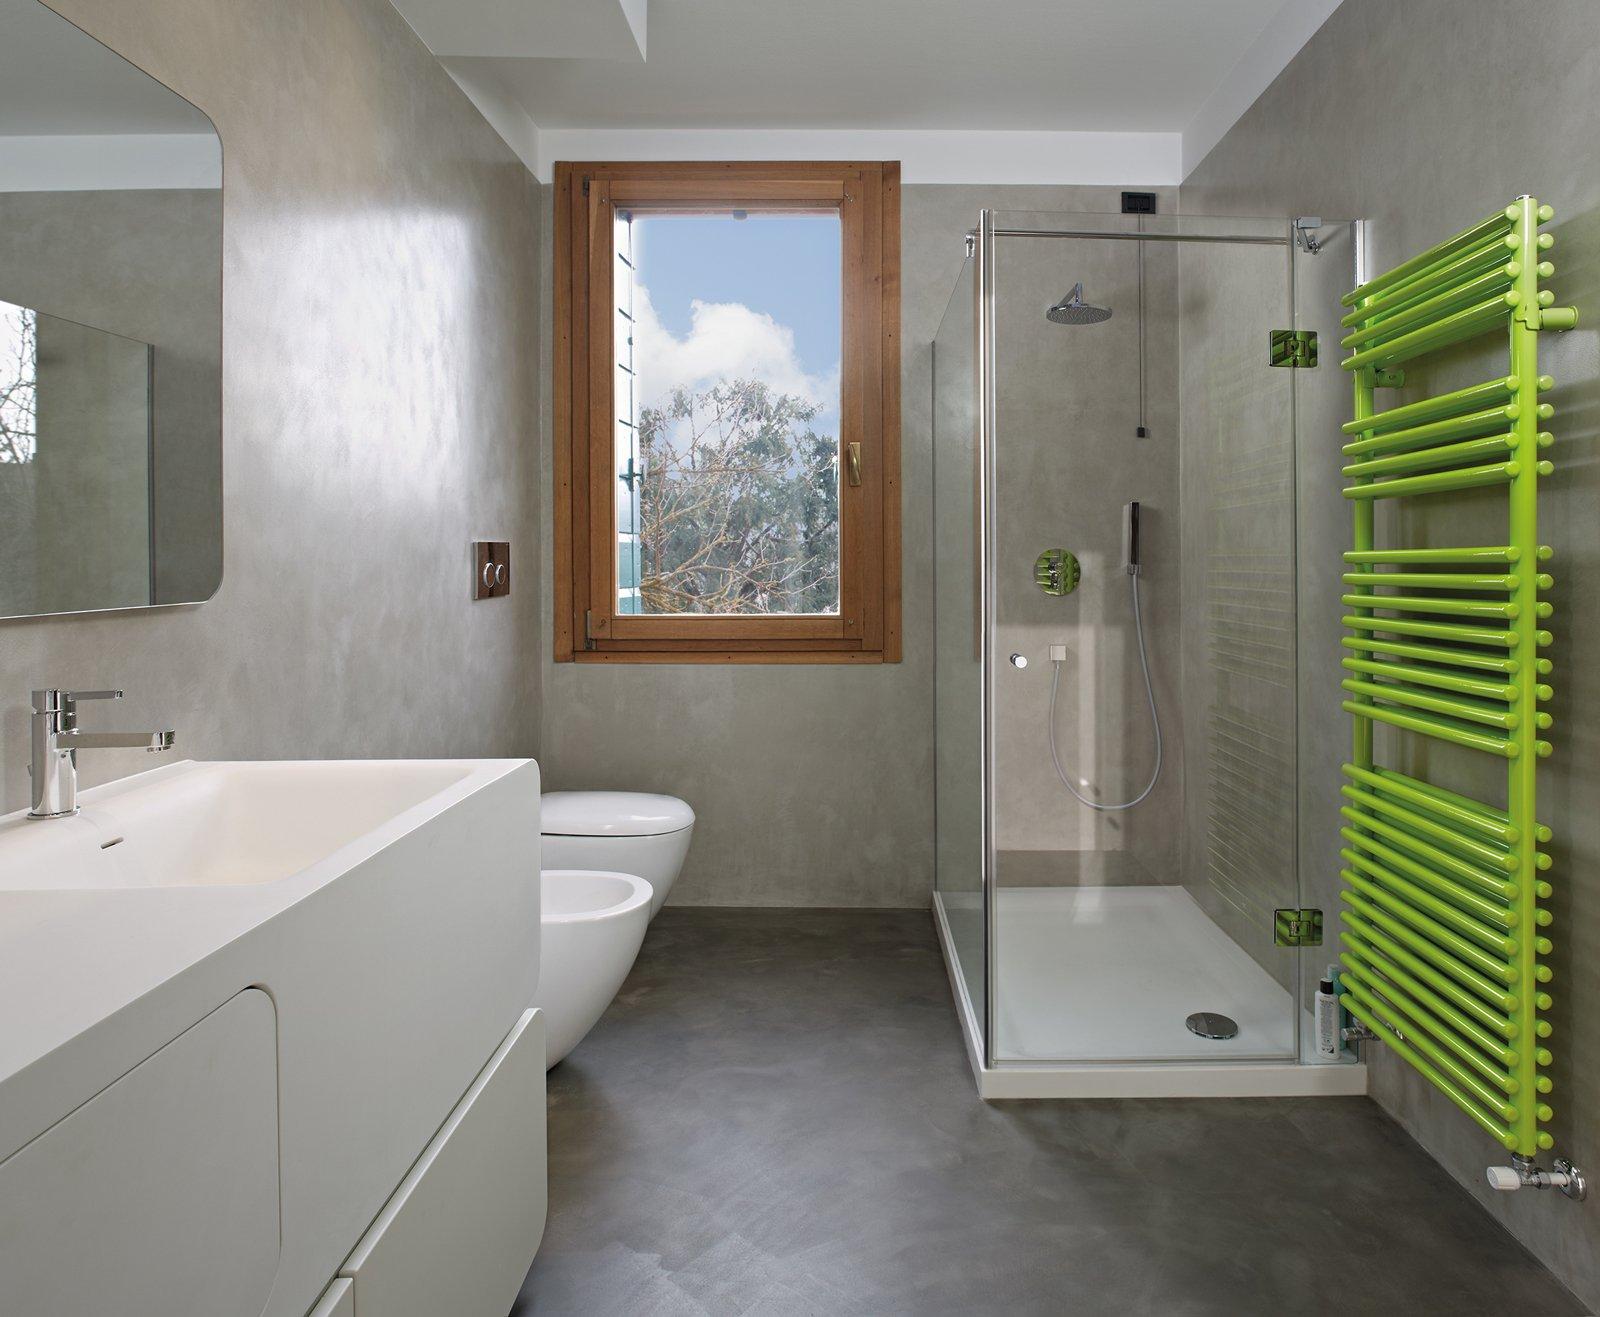 Nuovi rivestimenti cementizi per cambiare look alla casa - Mq minimi bagno ...